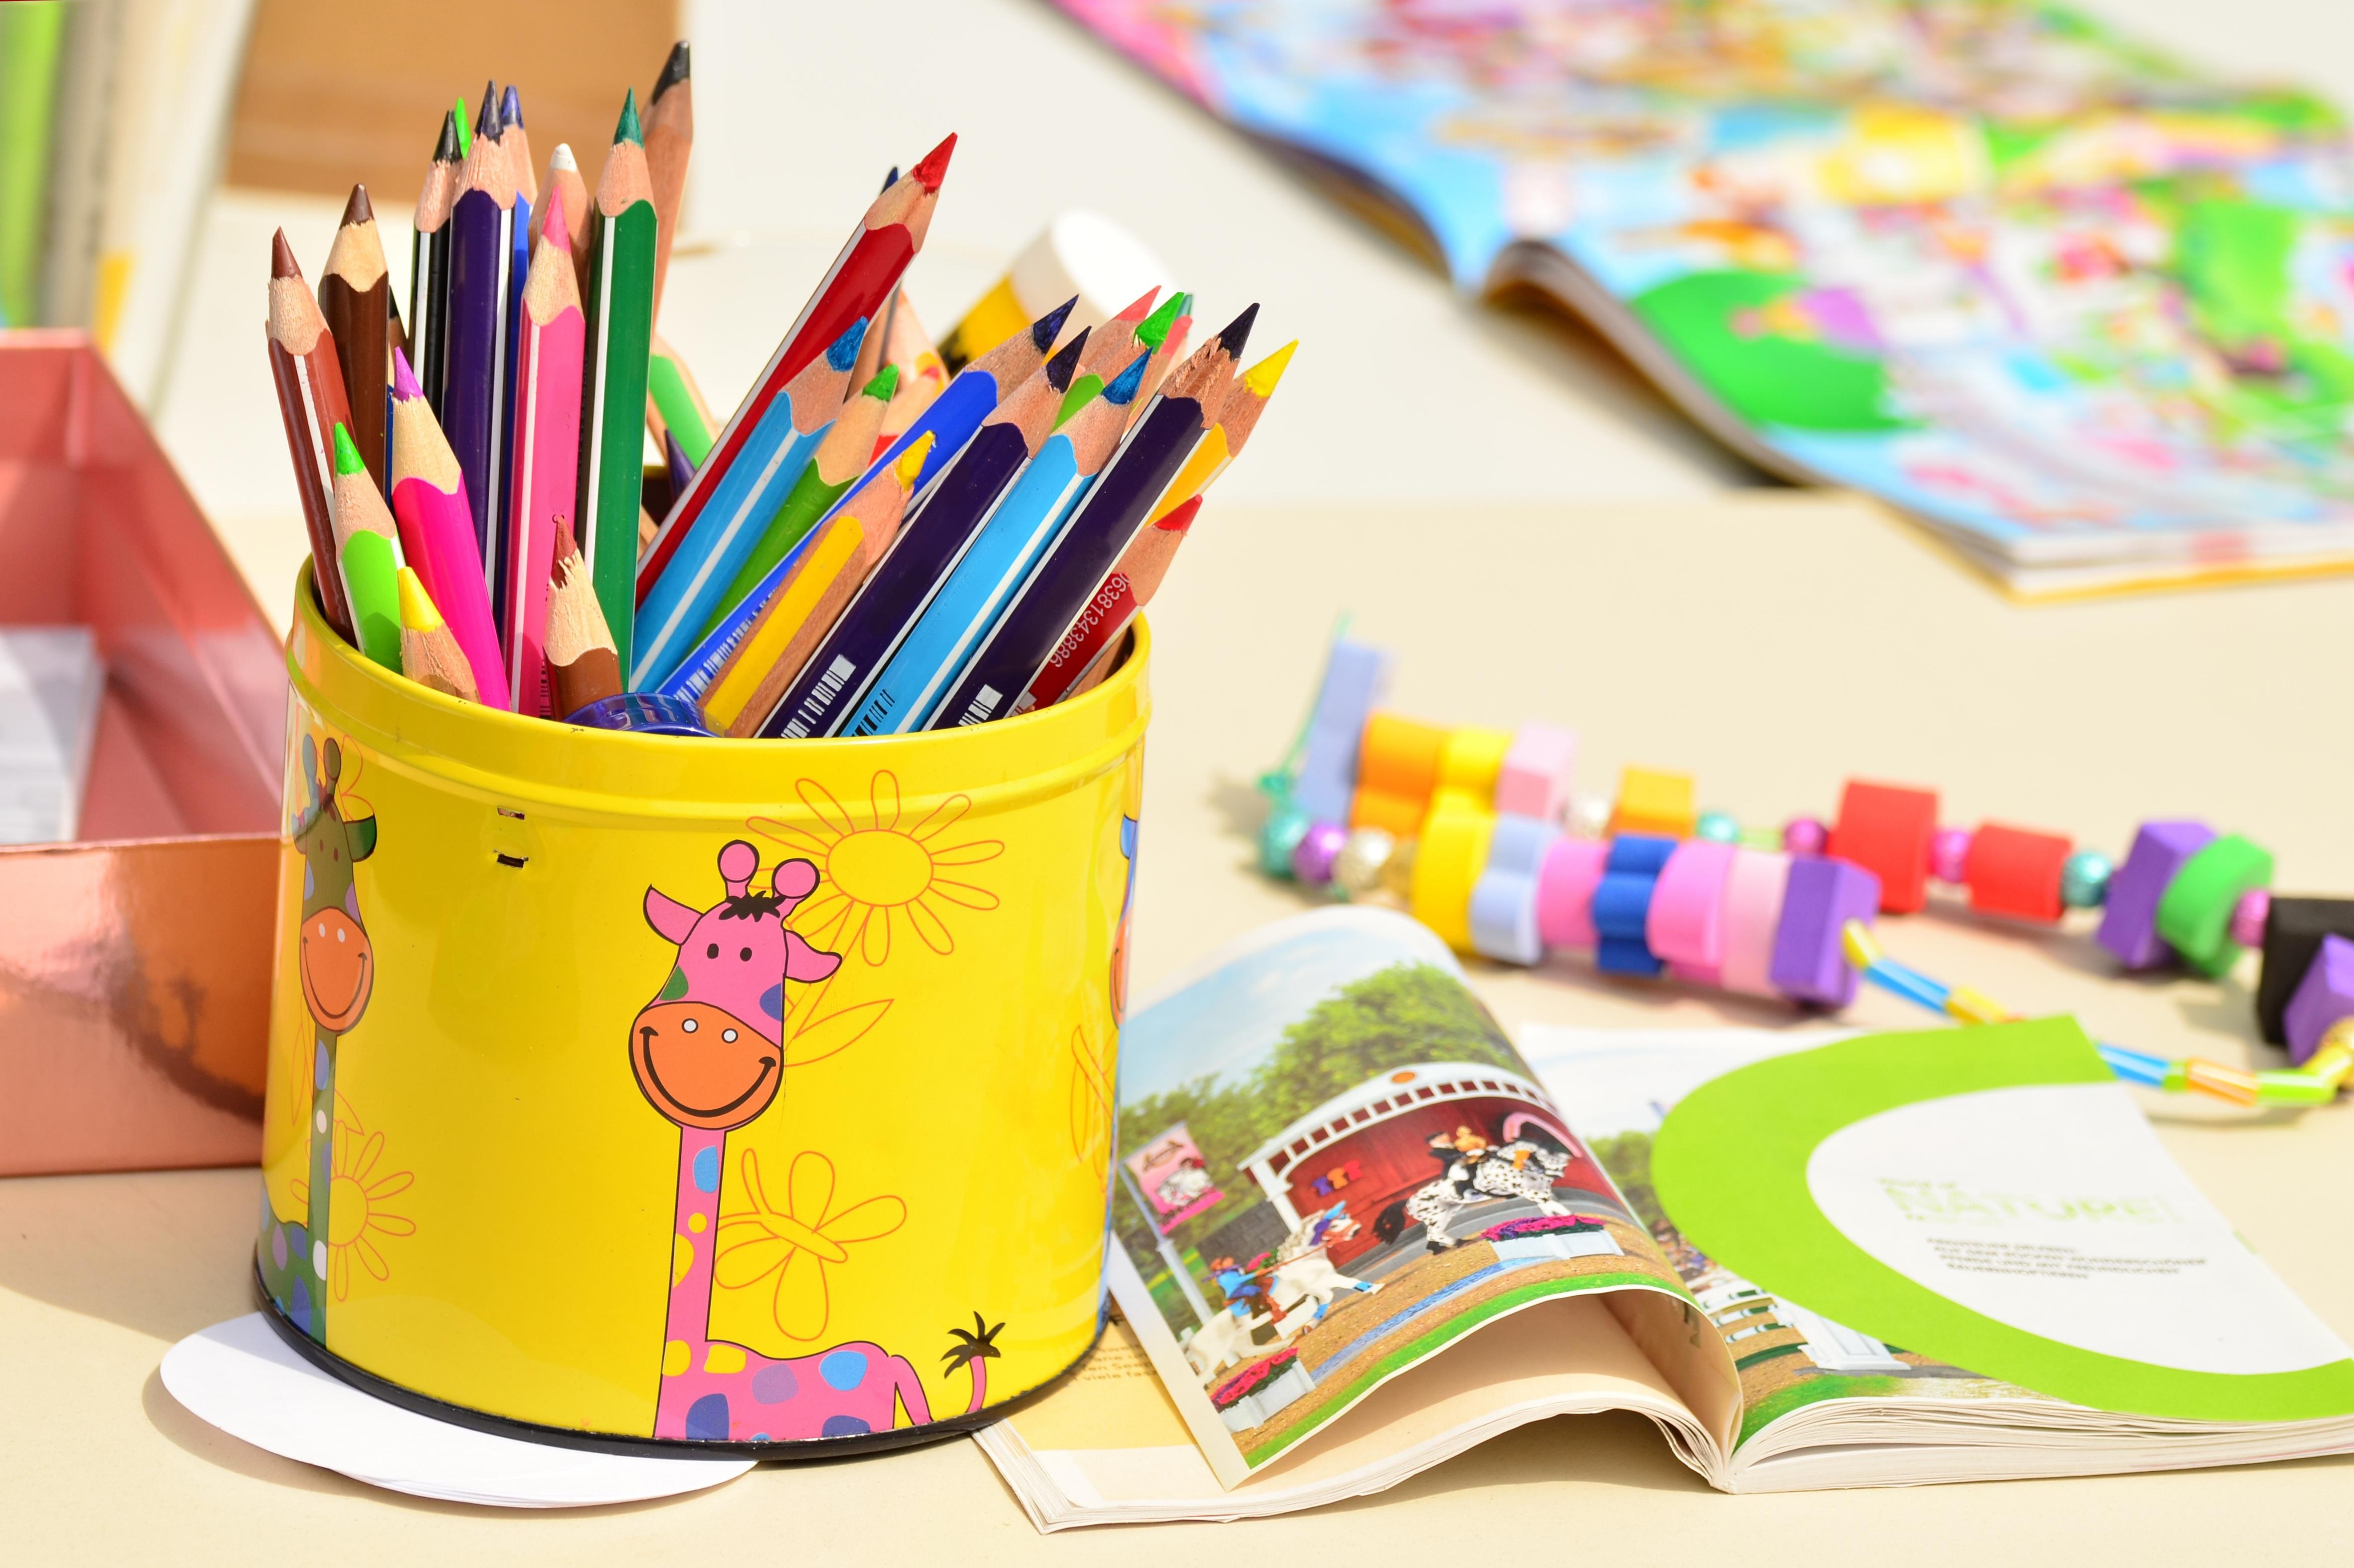 Fotoğraf Oyun Renk Sanat Illüstrasyon Kırtasiye çocuk Yuvası